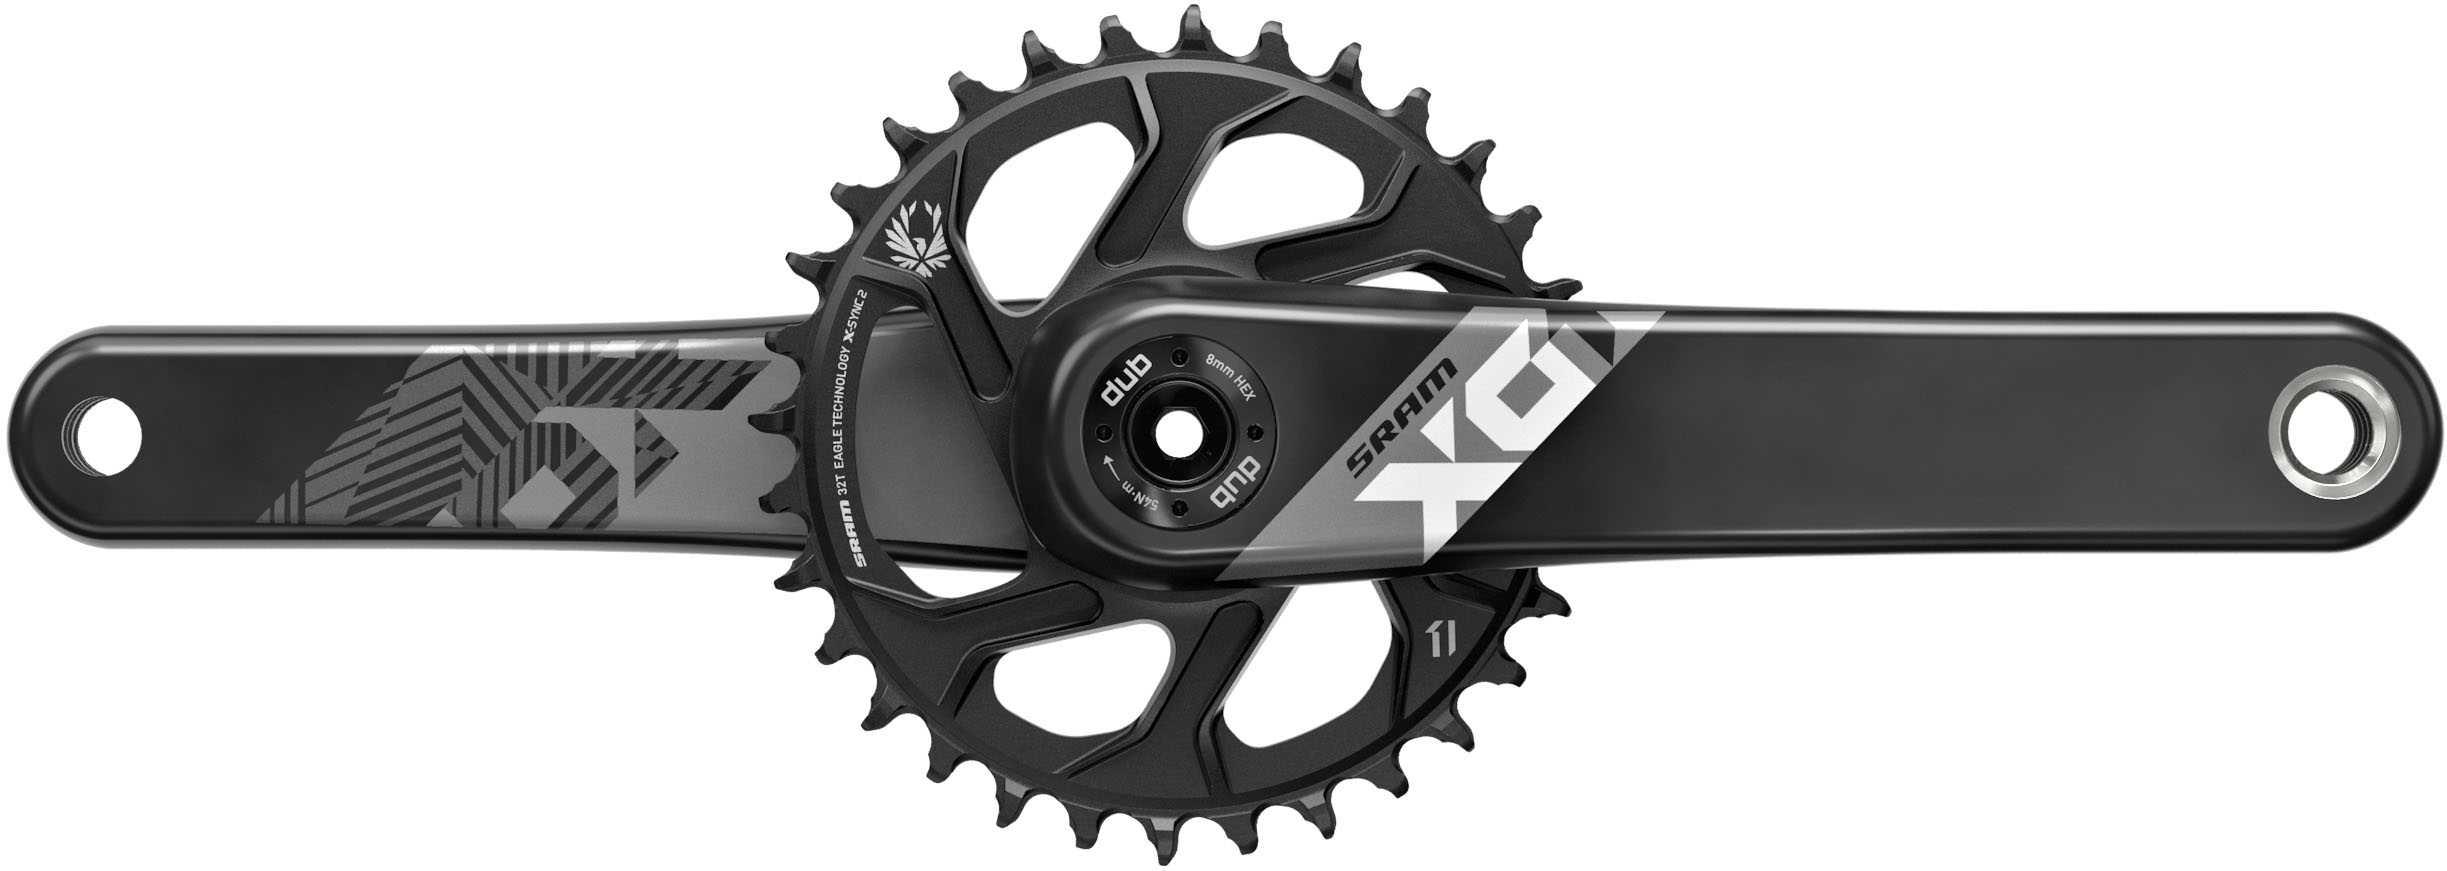 SRAM Vevparti SRAM X01 Eagle 1 x 12 växlar DUB Boost direct mount 32T 175 mm svart/svart